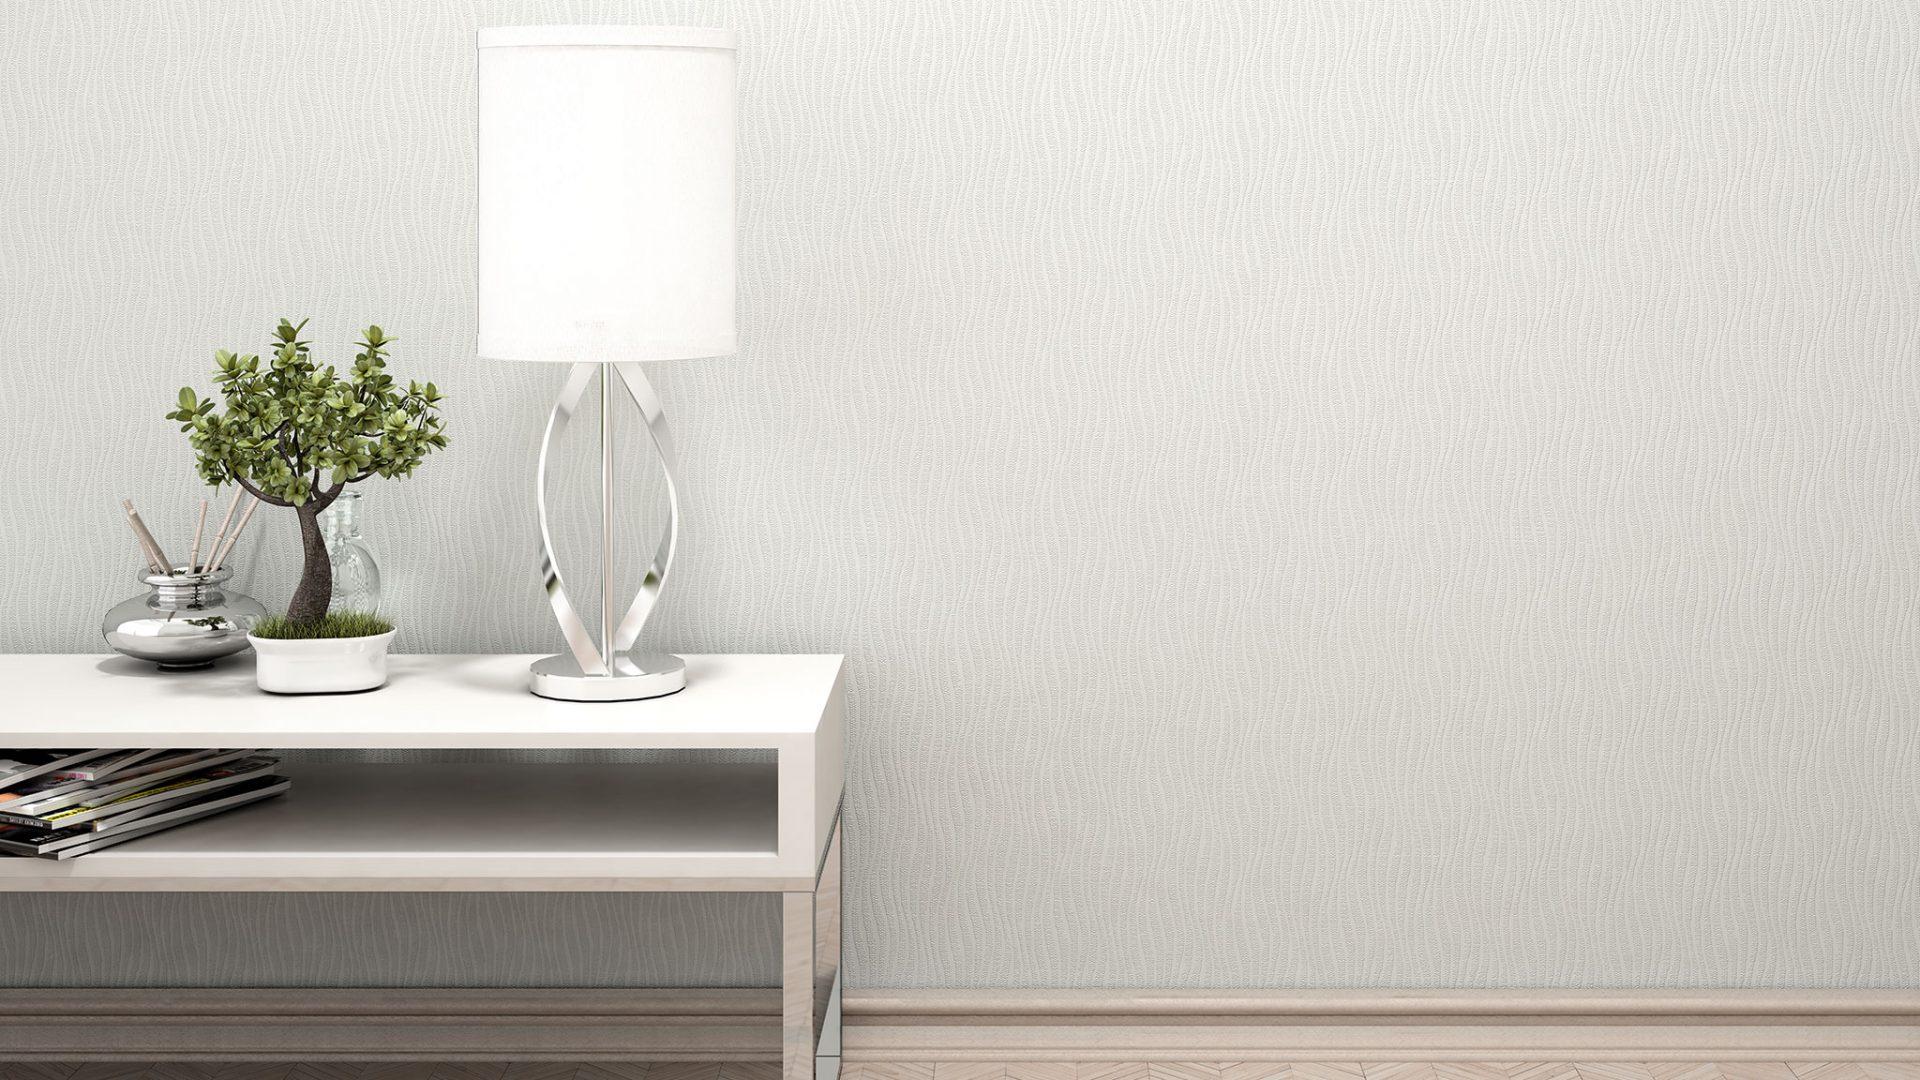 Interior 3D-Milieu/Rendering mit Tischlampe, Mini-Bonsai und Duftstäbchen auf weißem Sideboard vor Rasch Tapete